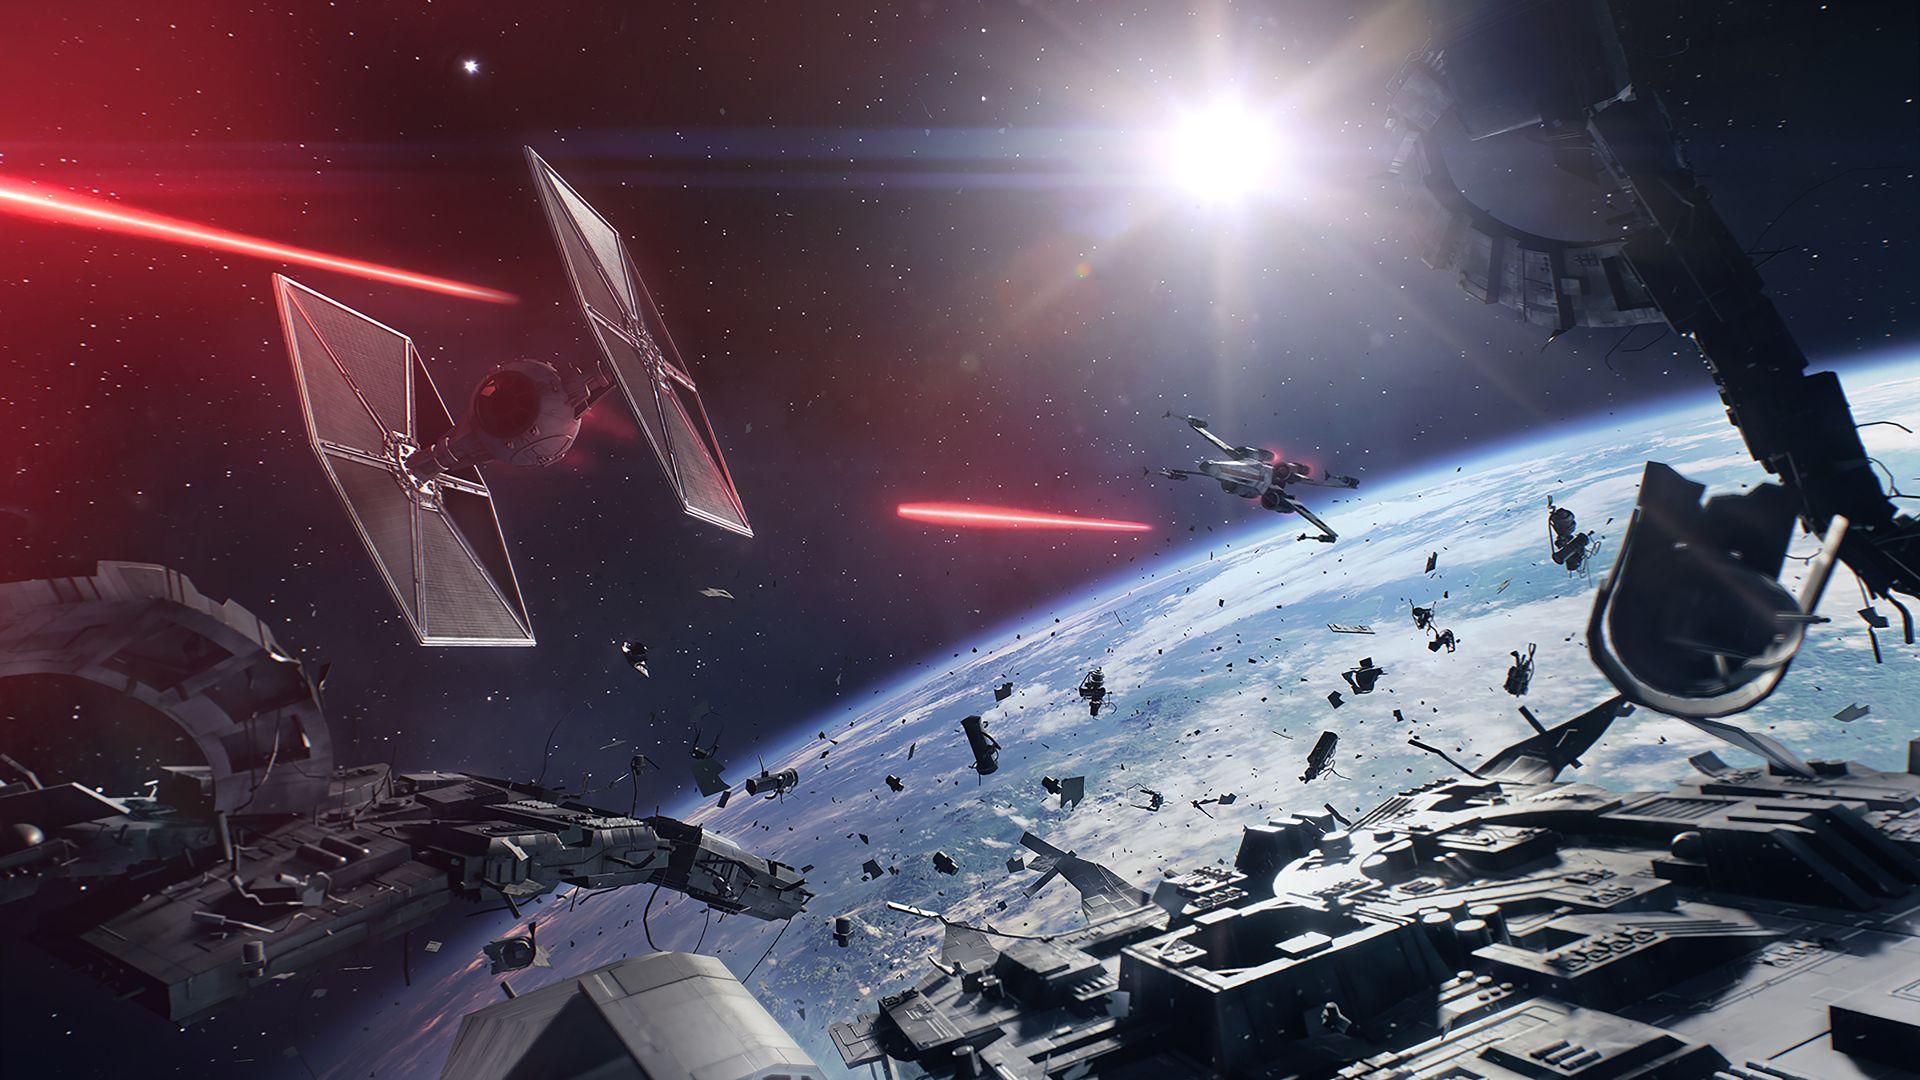 Futuristic Sci Fi Star Wars 1920x1080